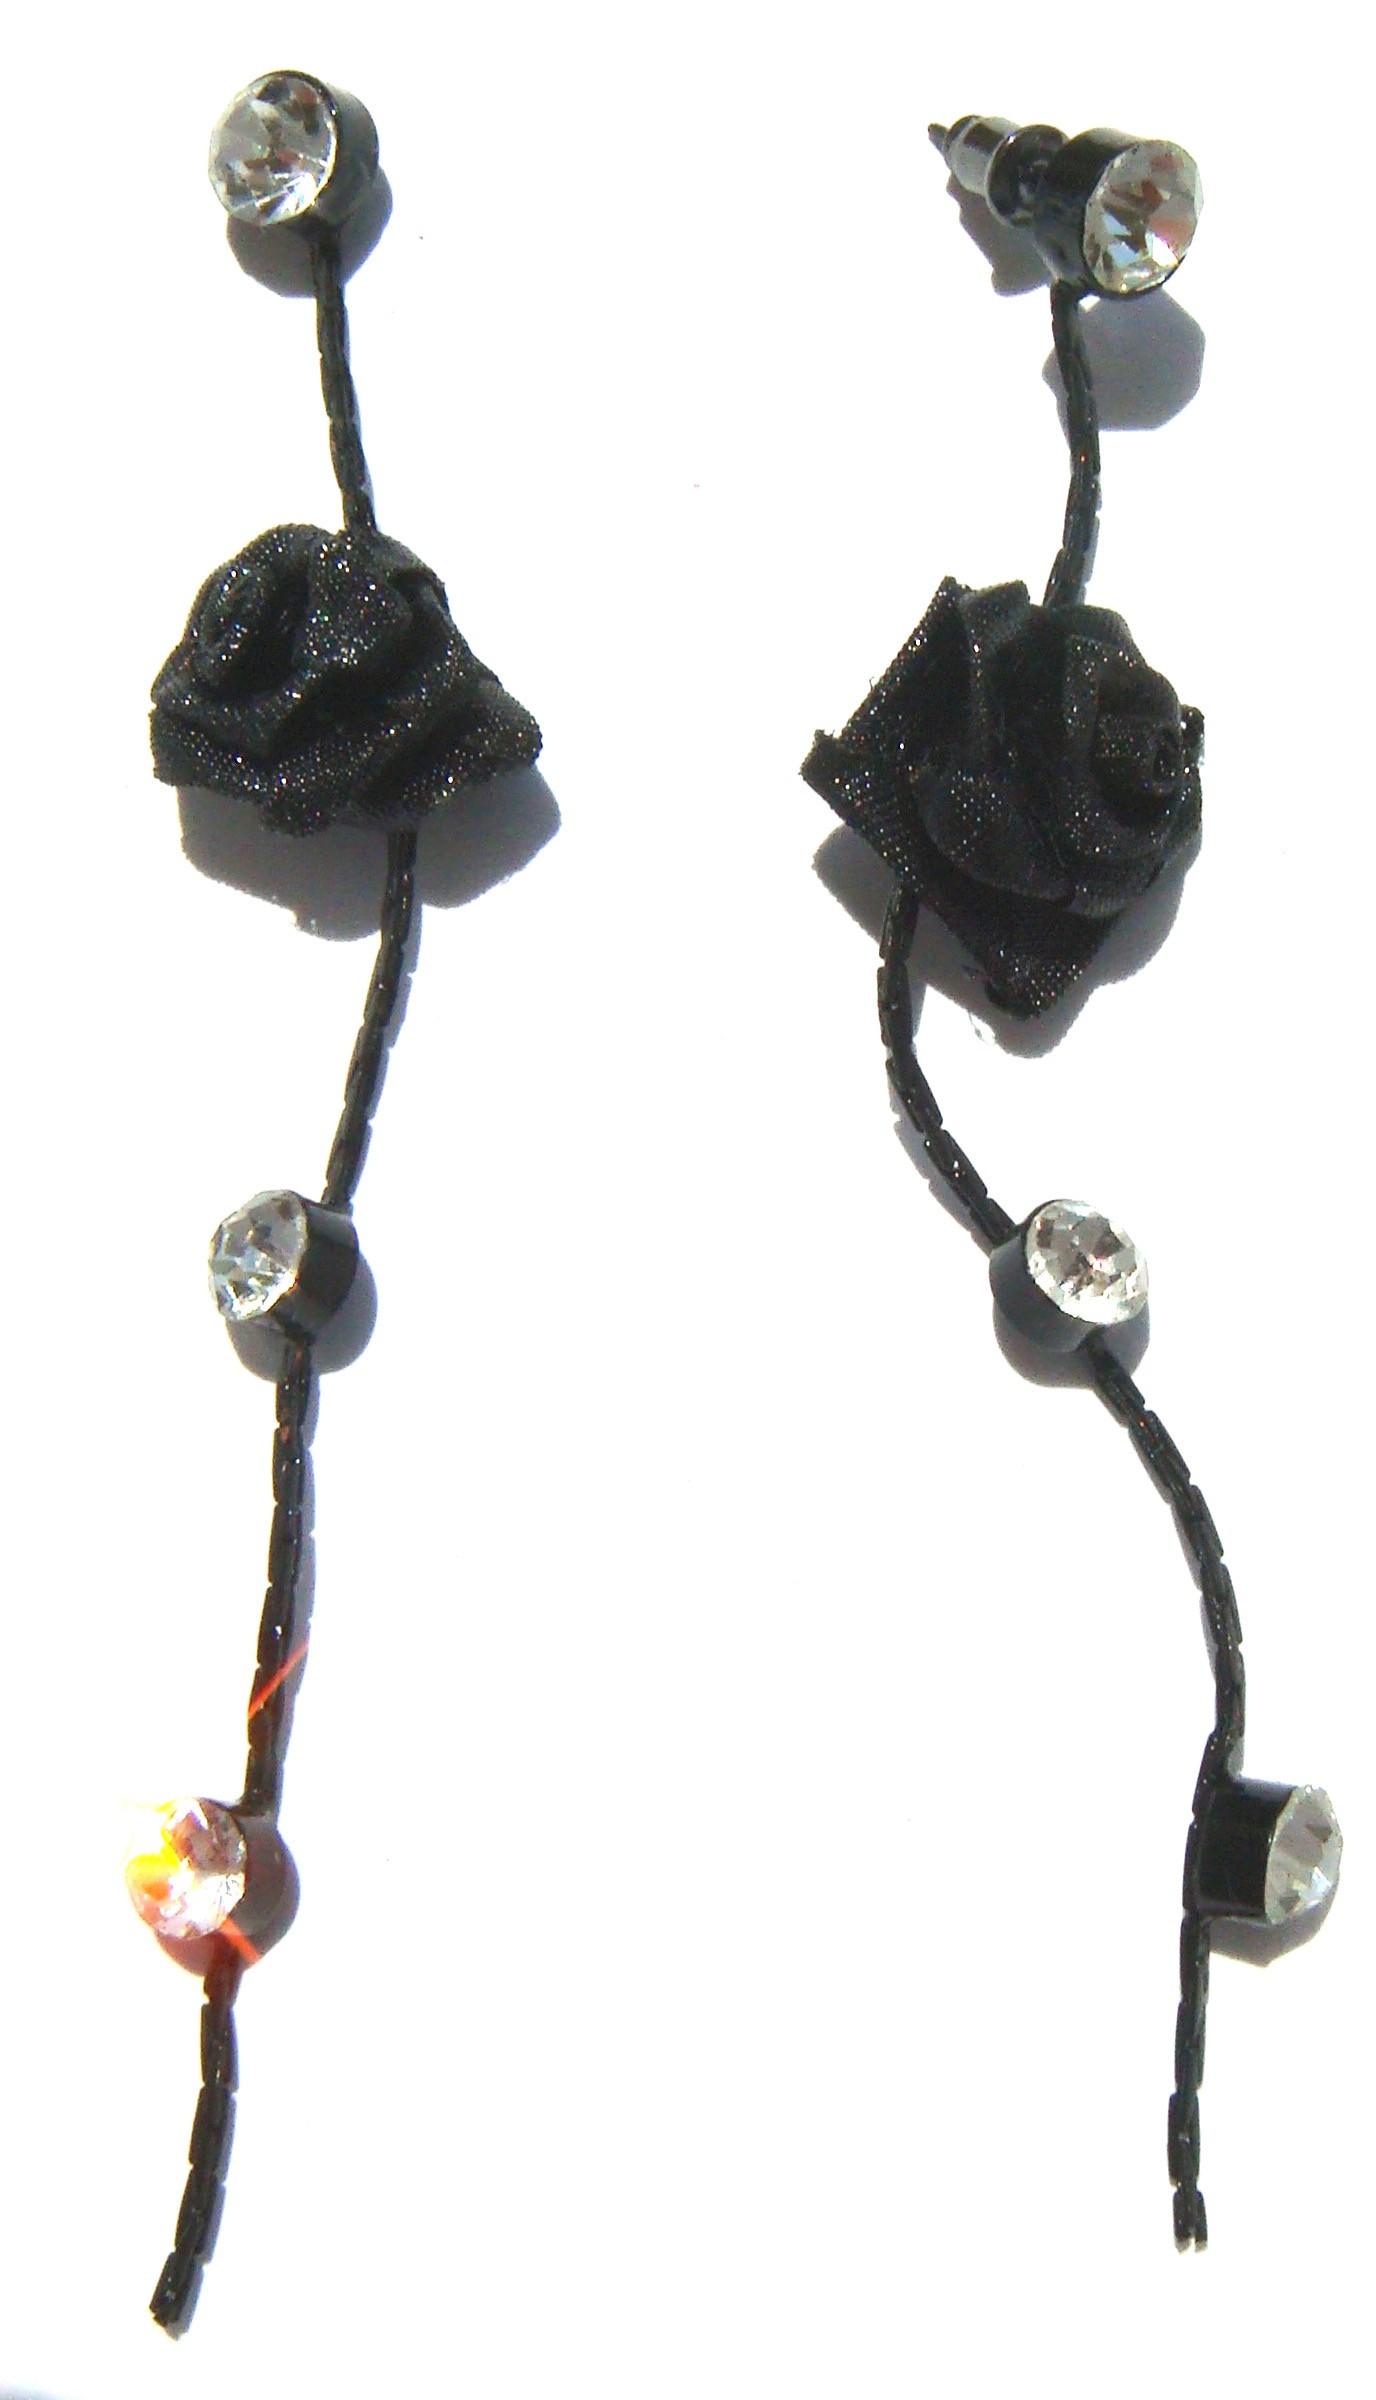 Acheter Des Roses Noires acheter pas cher boucles d'oreilles fantaisie longues roses noires